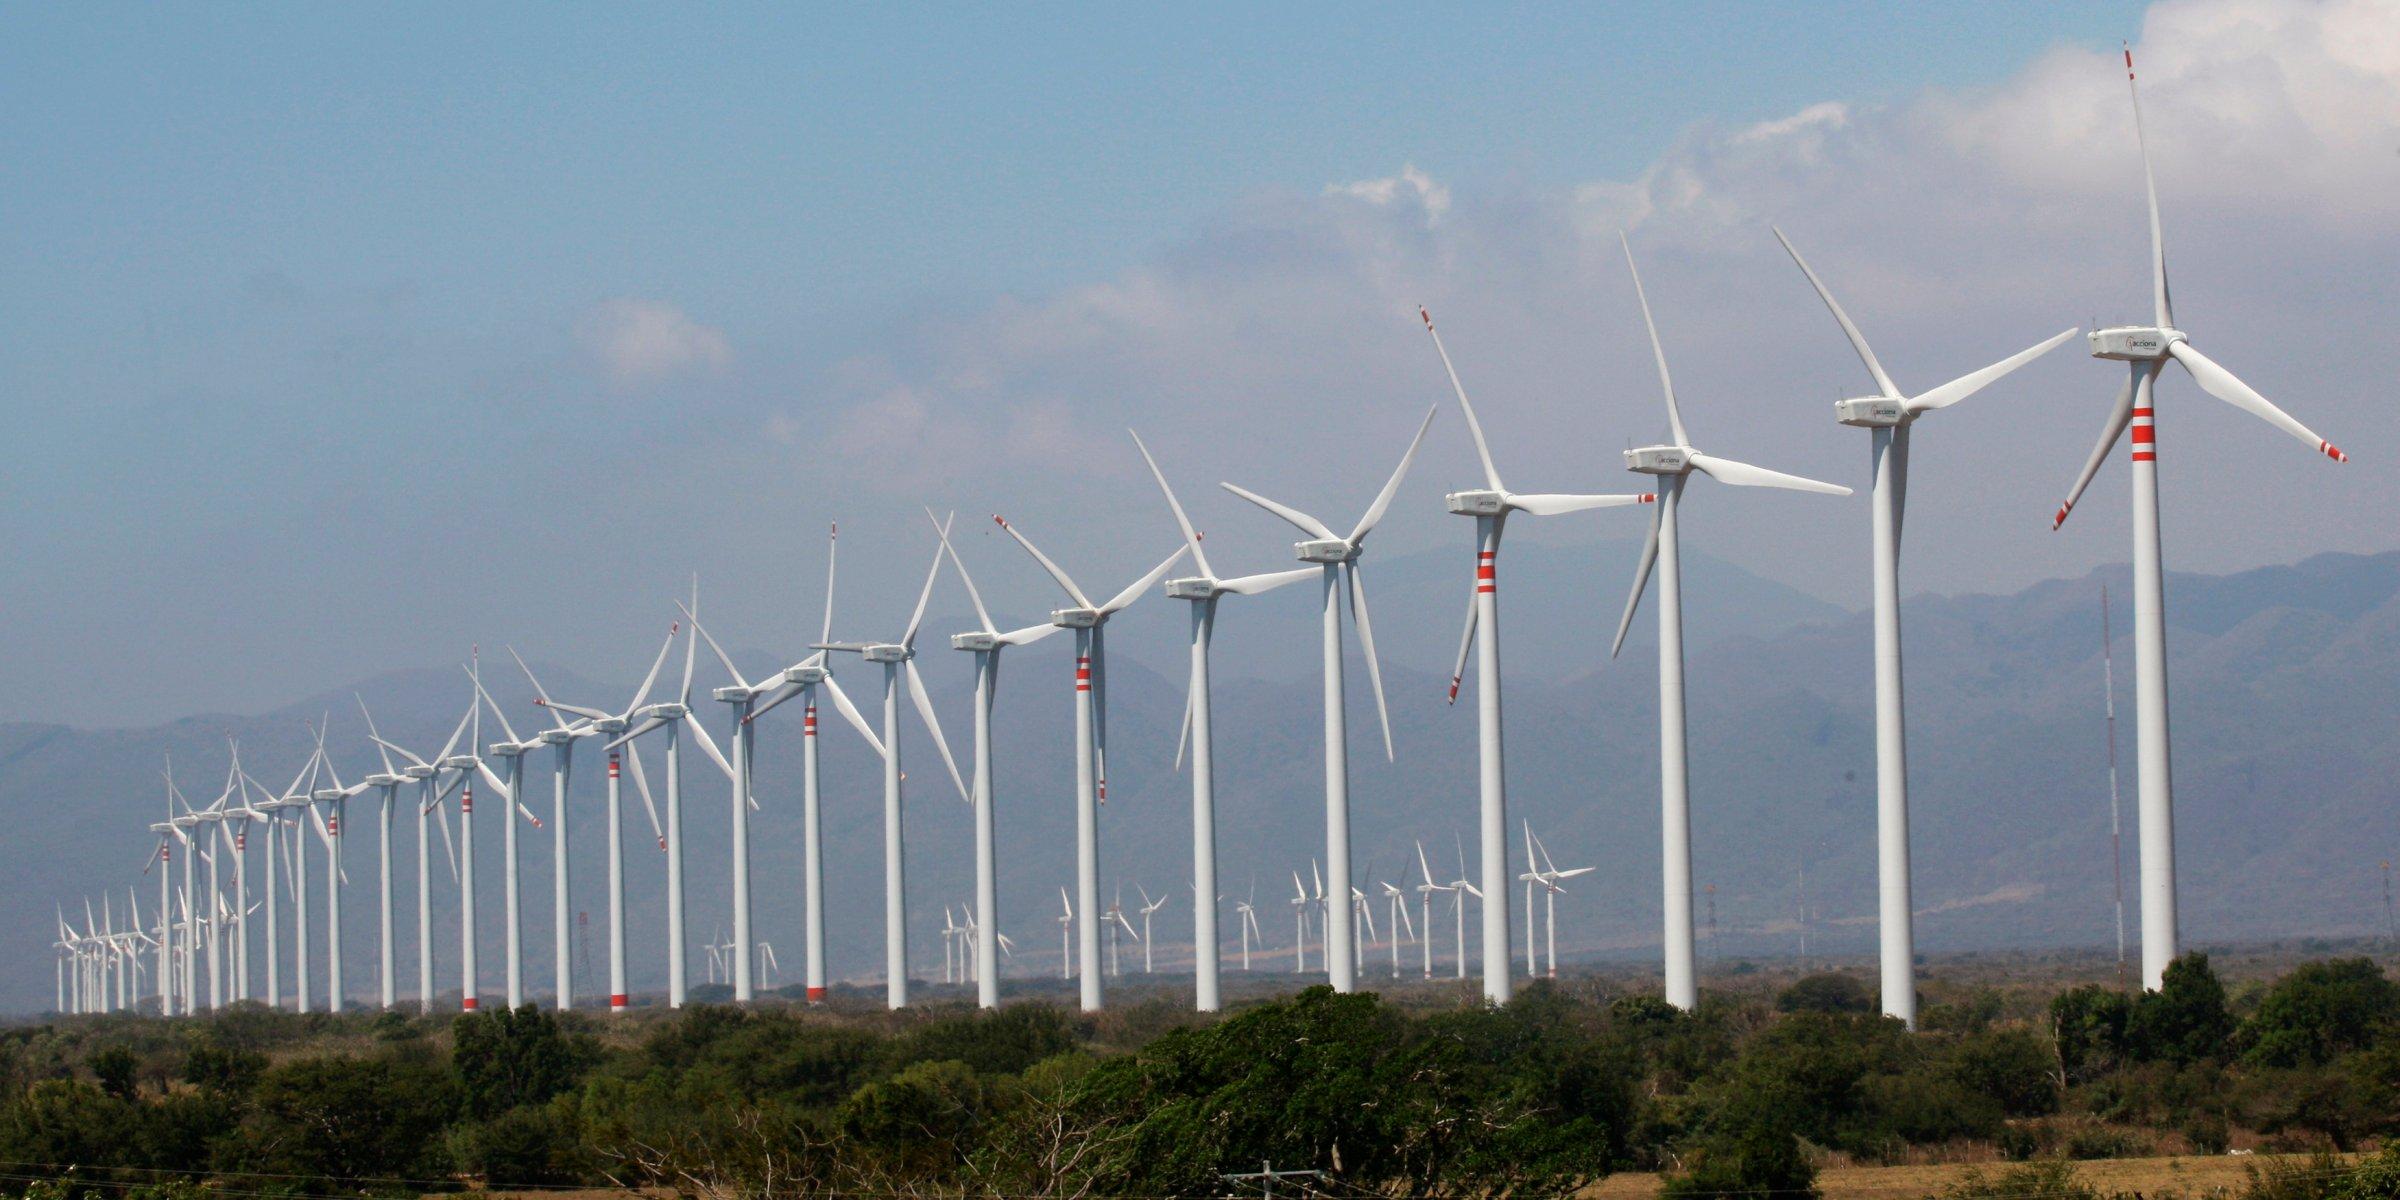 Estudian el impacto de turbinas eólicas sobre la salud humana - El ...